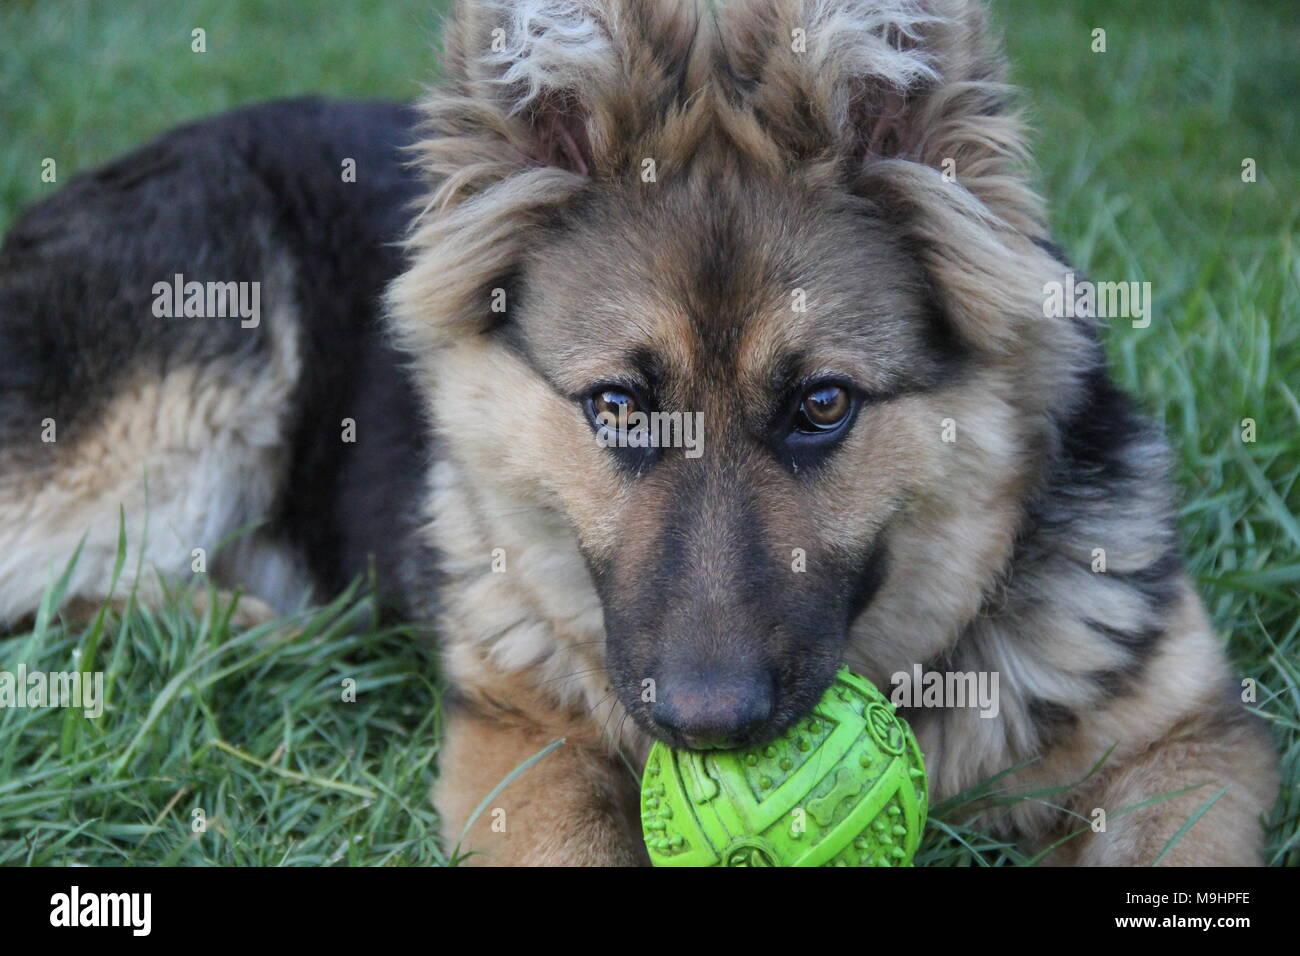 german shepherd. photo - Stock Image